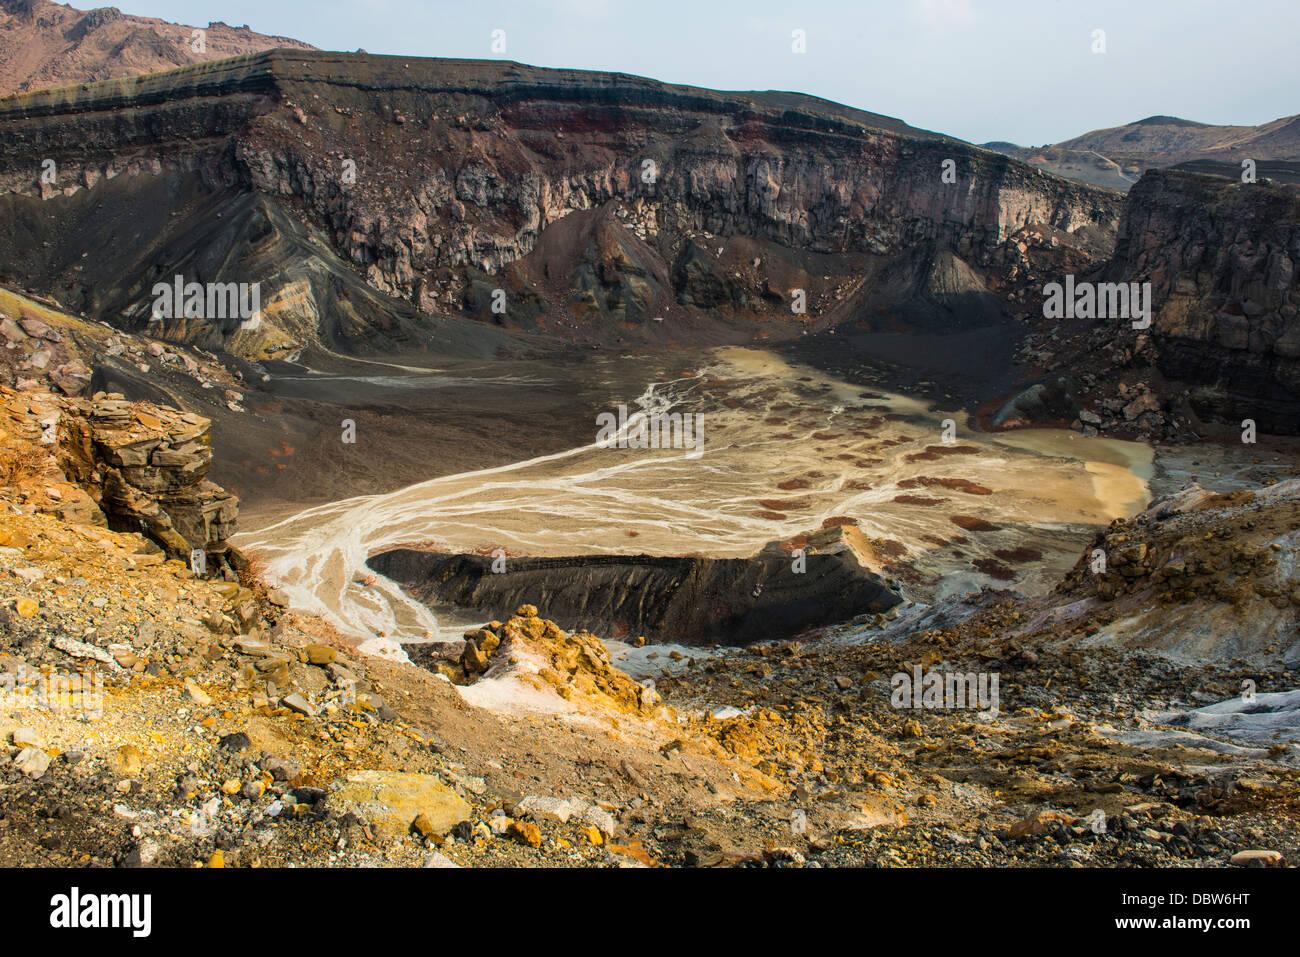 El borde del cráter del monte Naka volcán activo, el Monte Aso, Kyushu, Japón, Asia Imagen De Stock